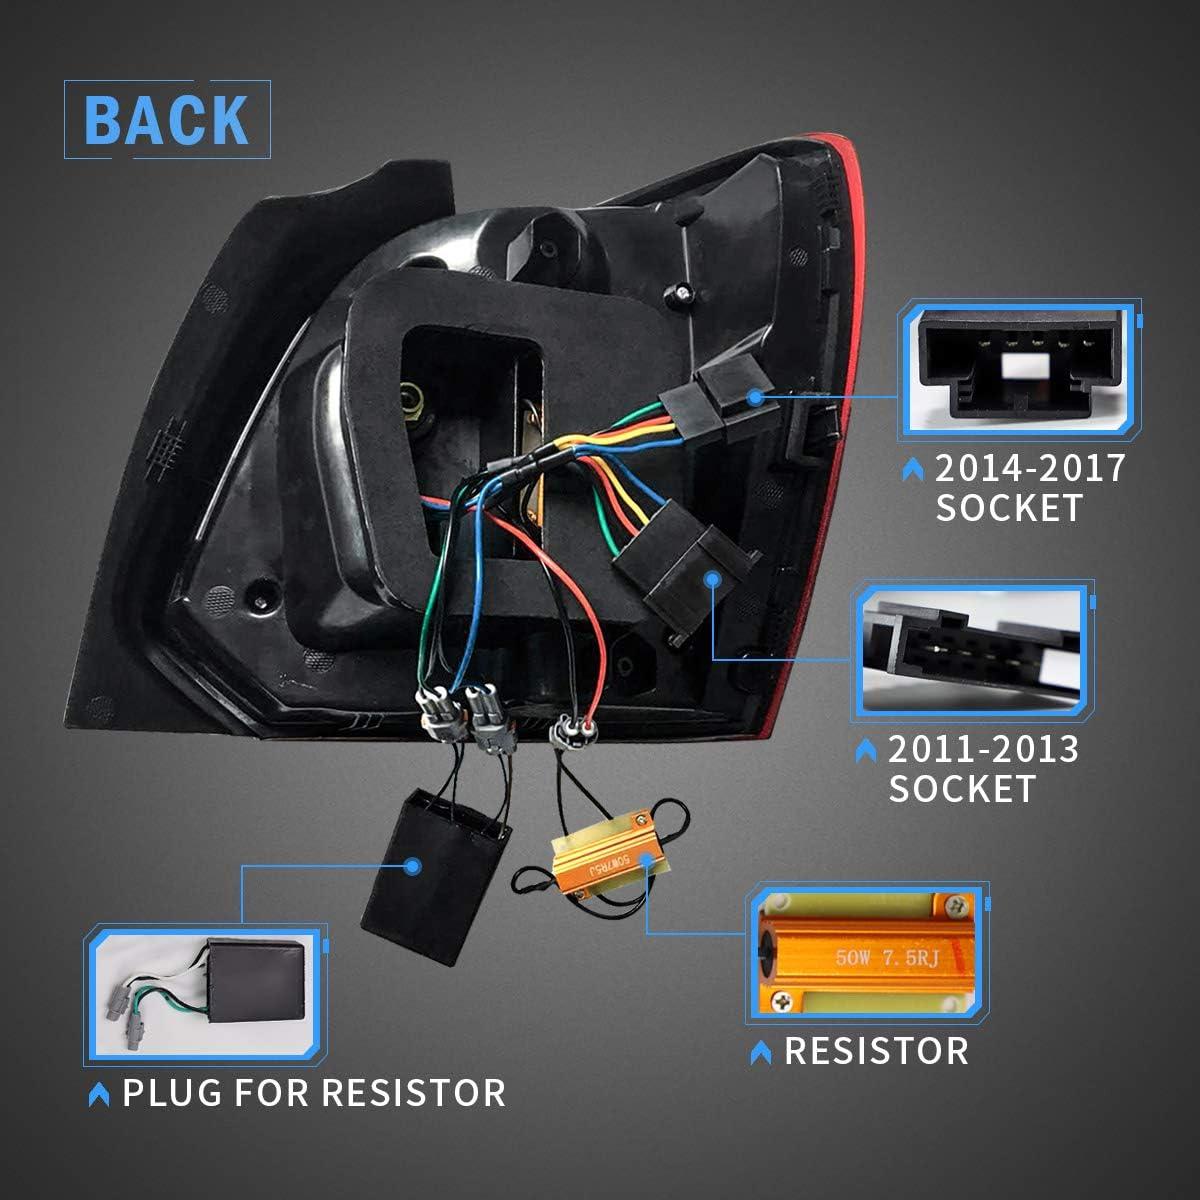 VLAND Ger/äuchert R/ückleuchten F/ür Polo MK5 6R 6C 2009-2018 R/ücklichter mit dynamisch Blinker LHD UK Inventar